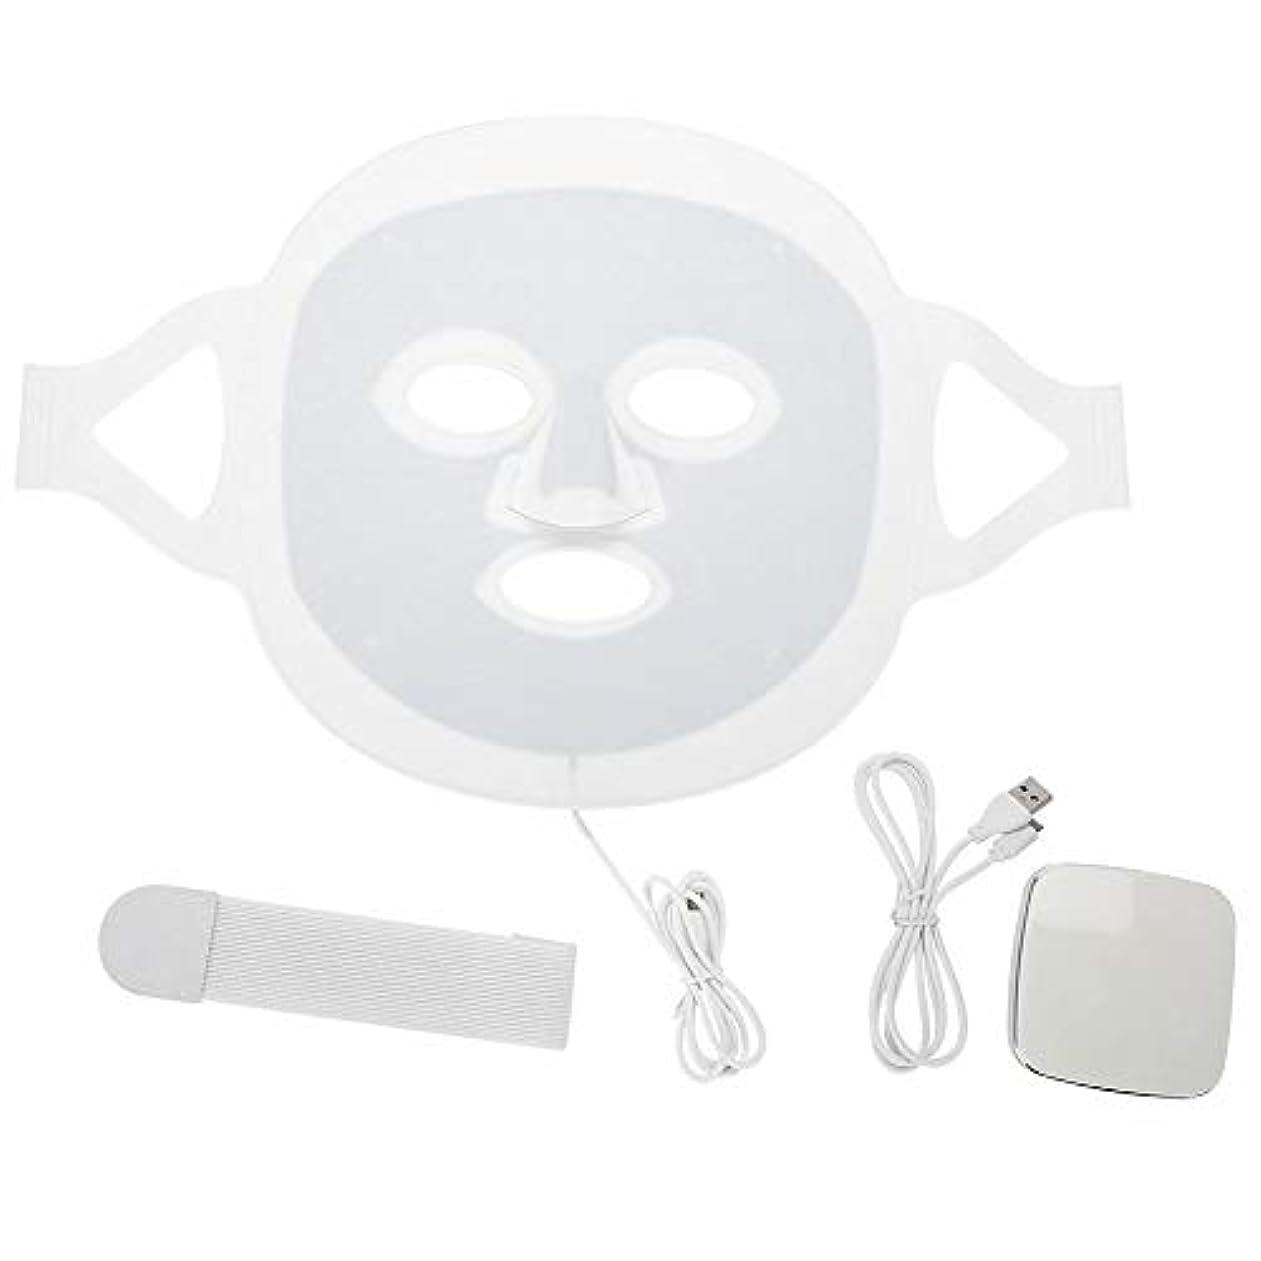 悲しみ水っぽいインサートLEDマスク3色LEDライトフォトンフェイスマスク肌のより良いにきび除去肌美容機器